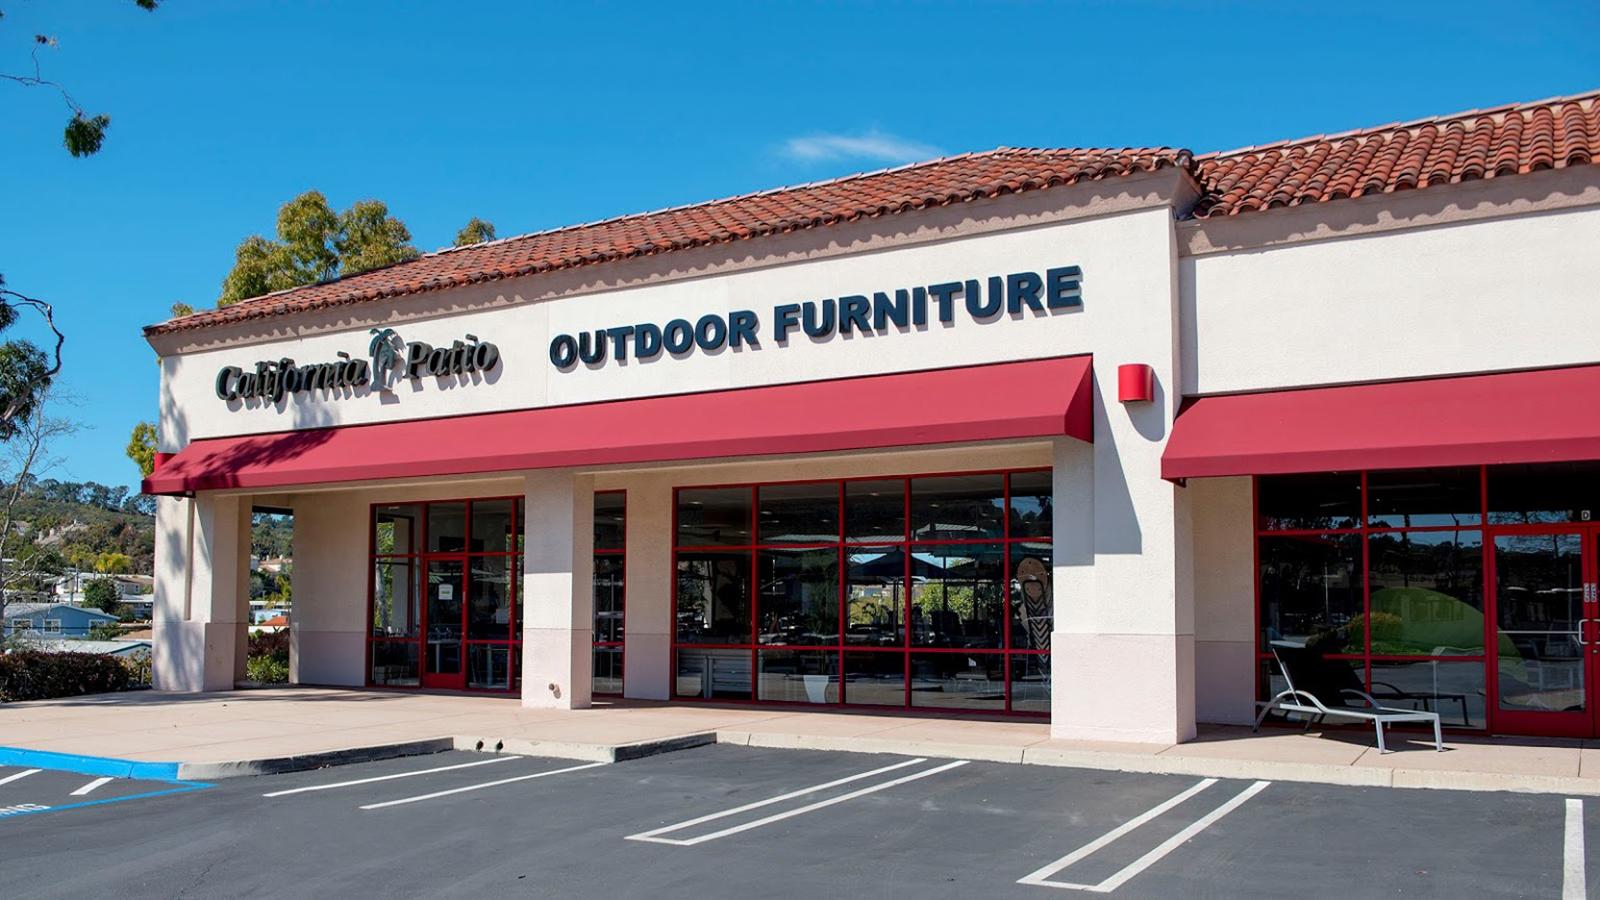 California Patio Storefront Encinitas, CA